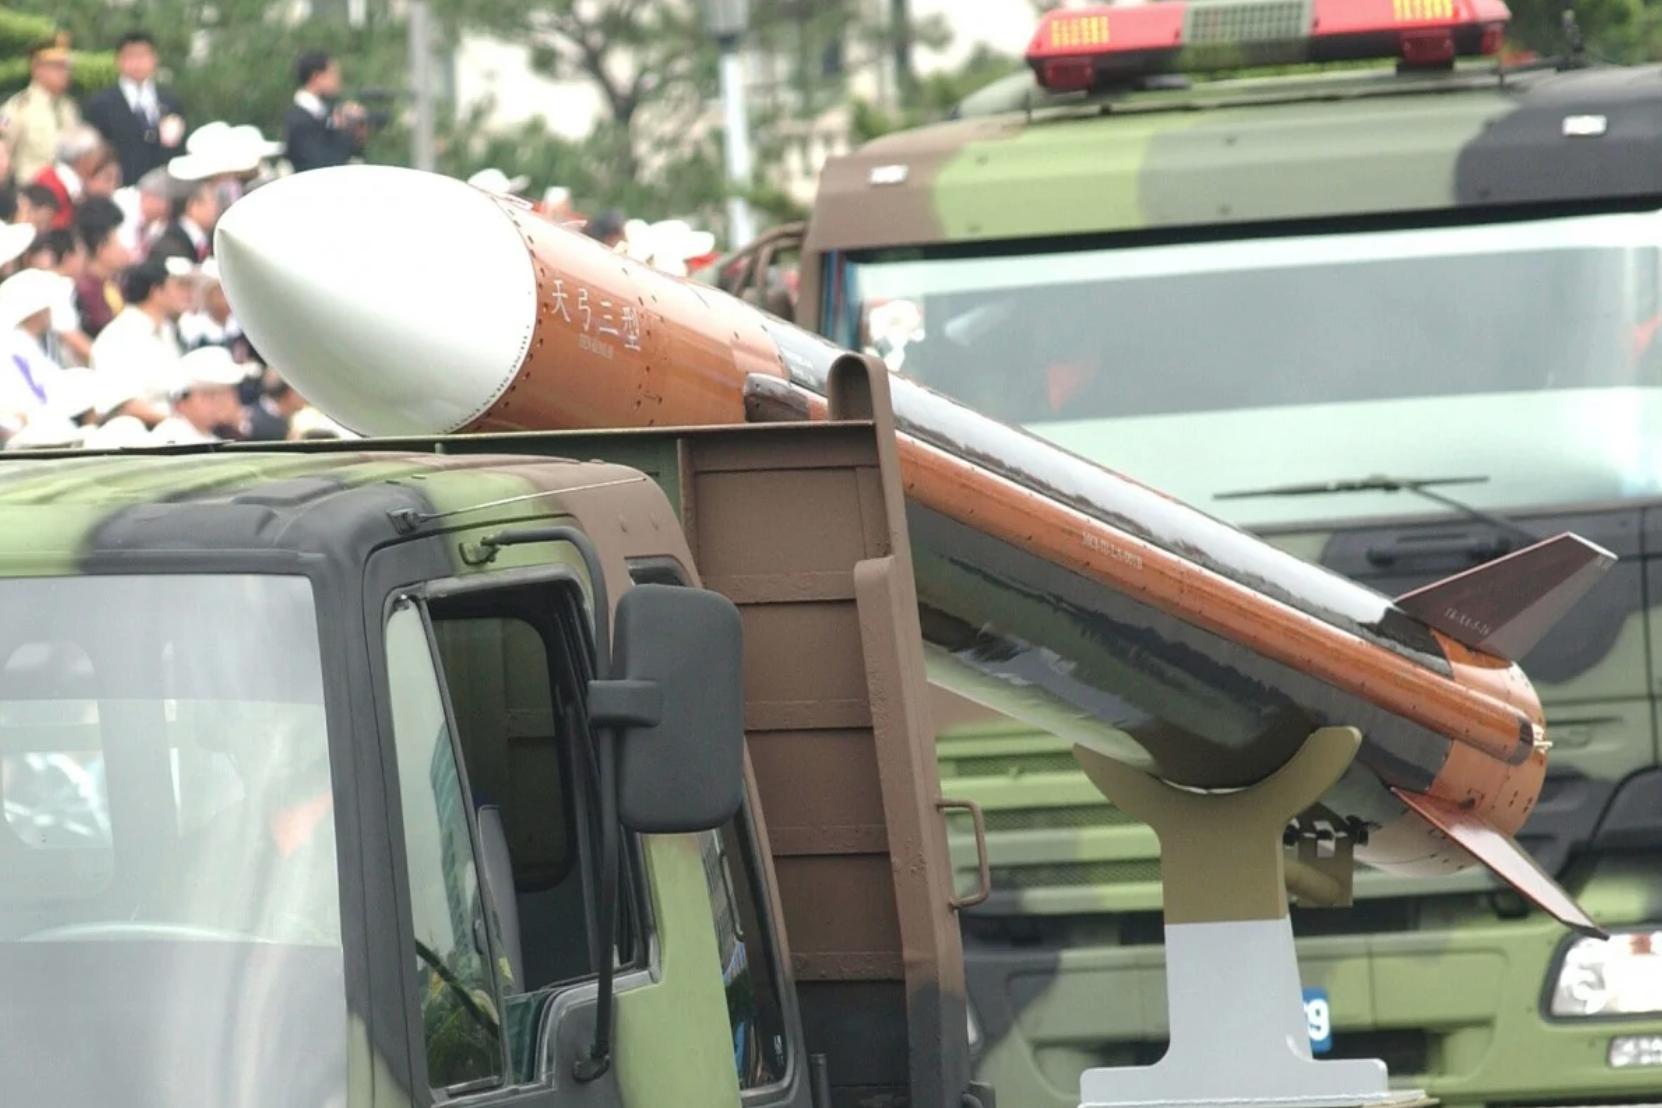 Đài Loan phát triển chương trình hỏa tiễn để phòng thủ trước đe dọa của Bắc Kinh